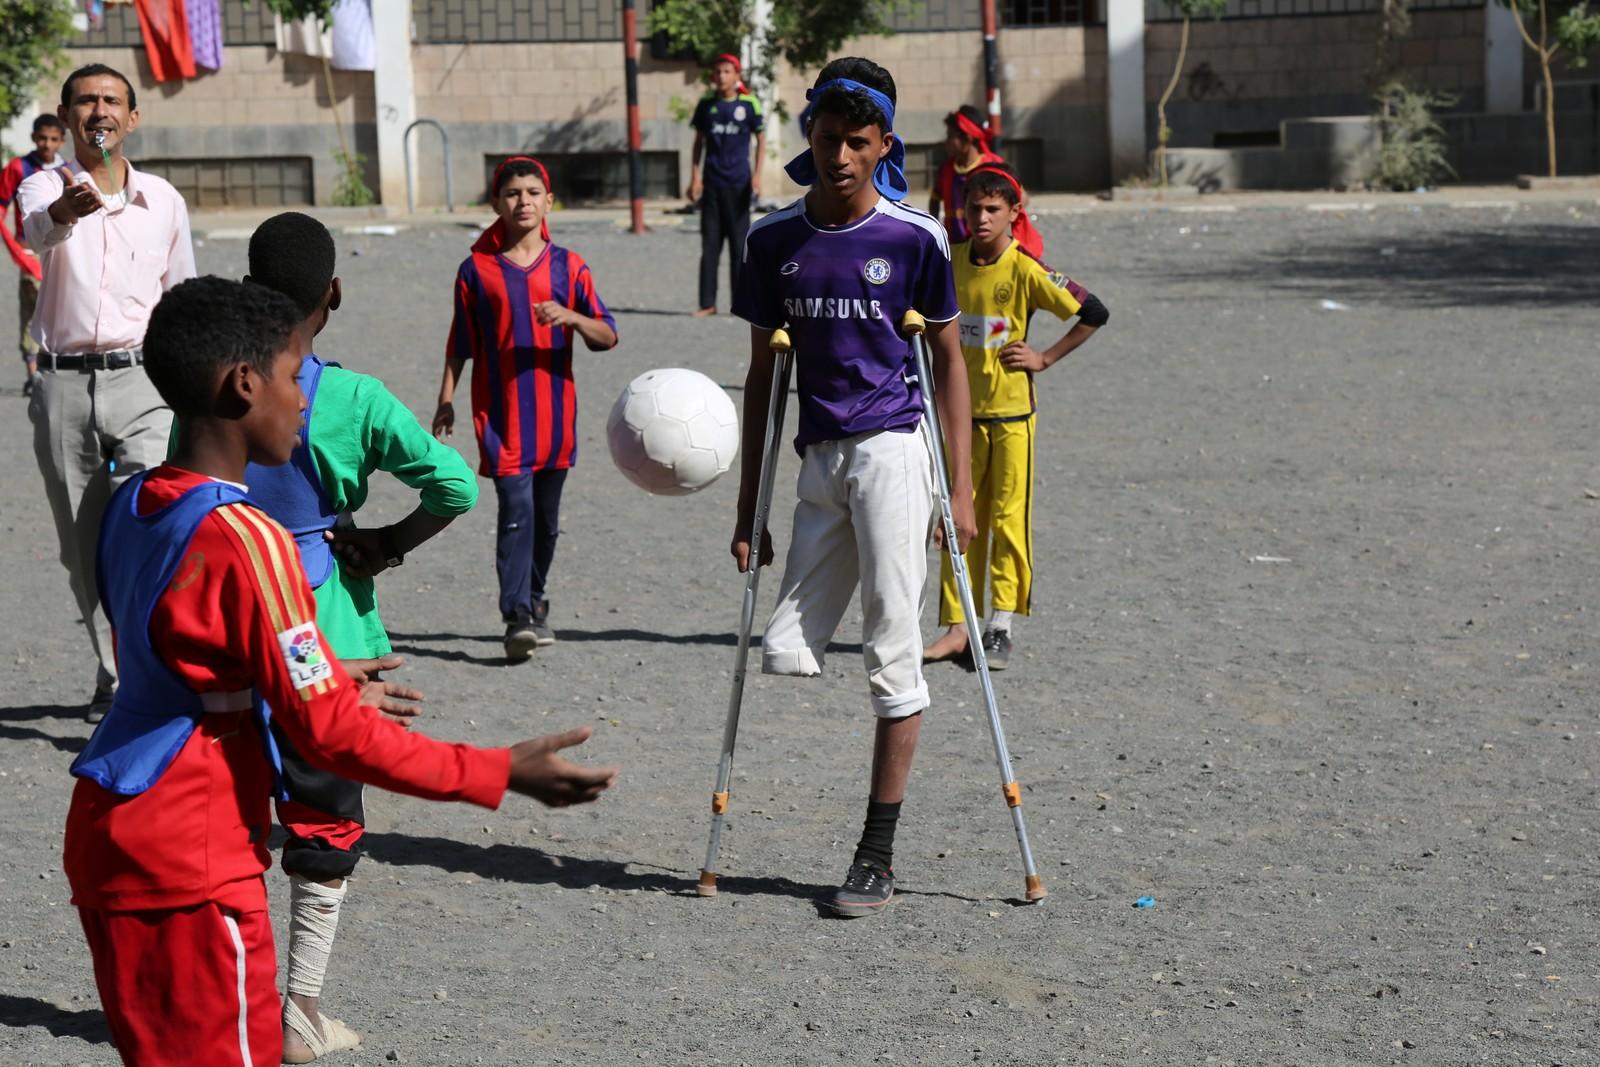 Rafik (i lilla) spiller fotball med et ben på Al Zubairi-skolen i Sana i Syria, i oktober i 2015. Han mistet det andre benet mens han spilte fotball. En bombe landet like i nærheten og drepte vennen hans på åtte år.